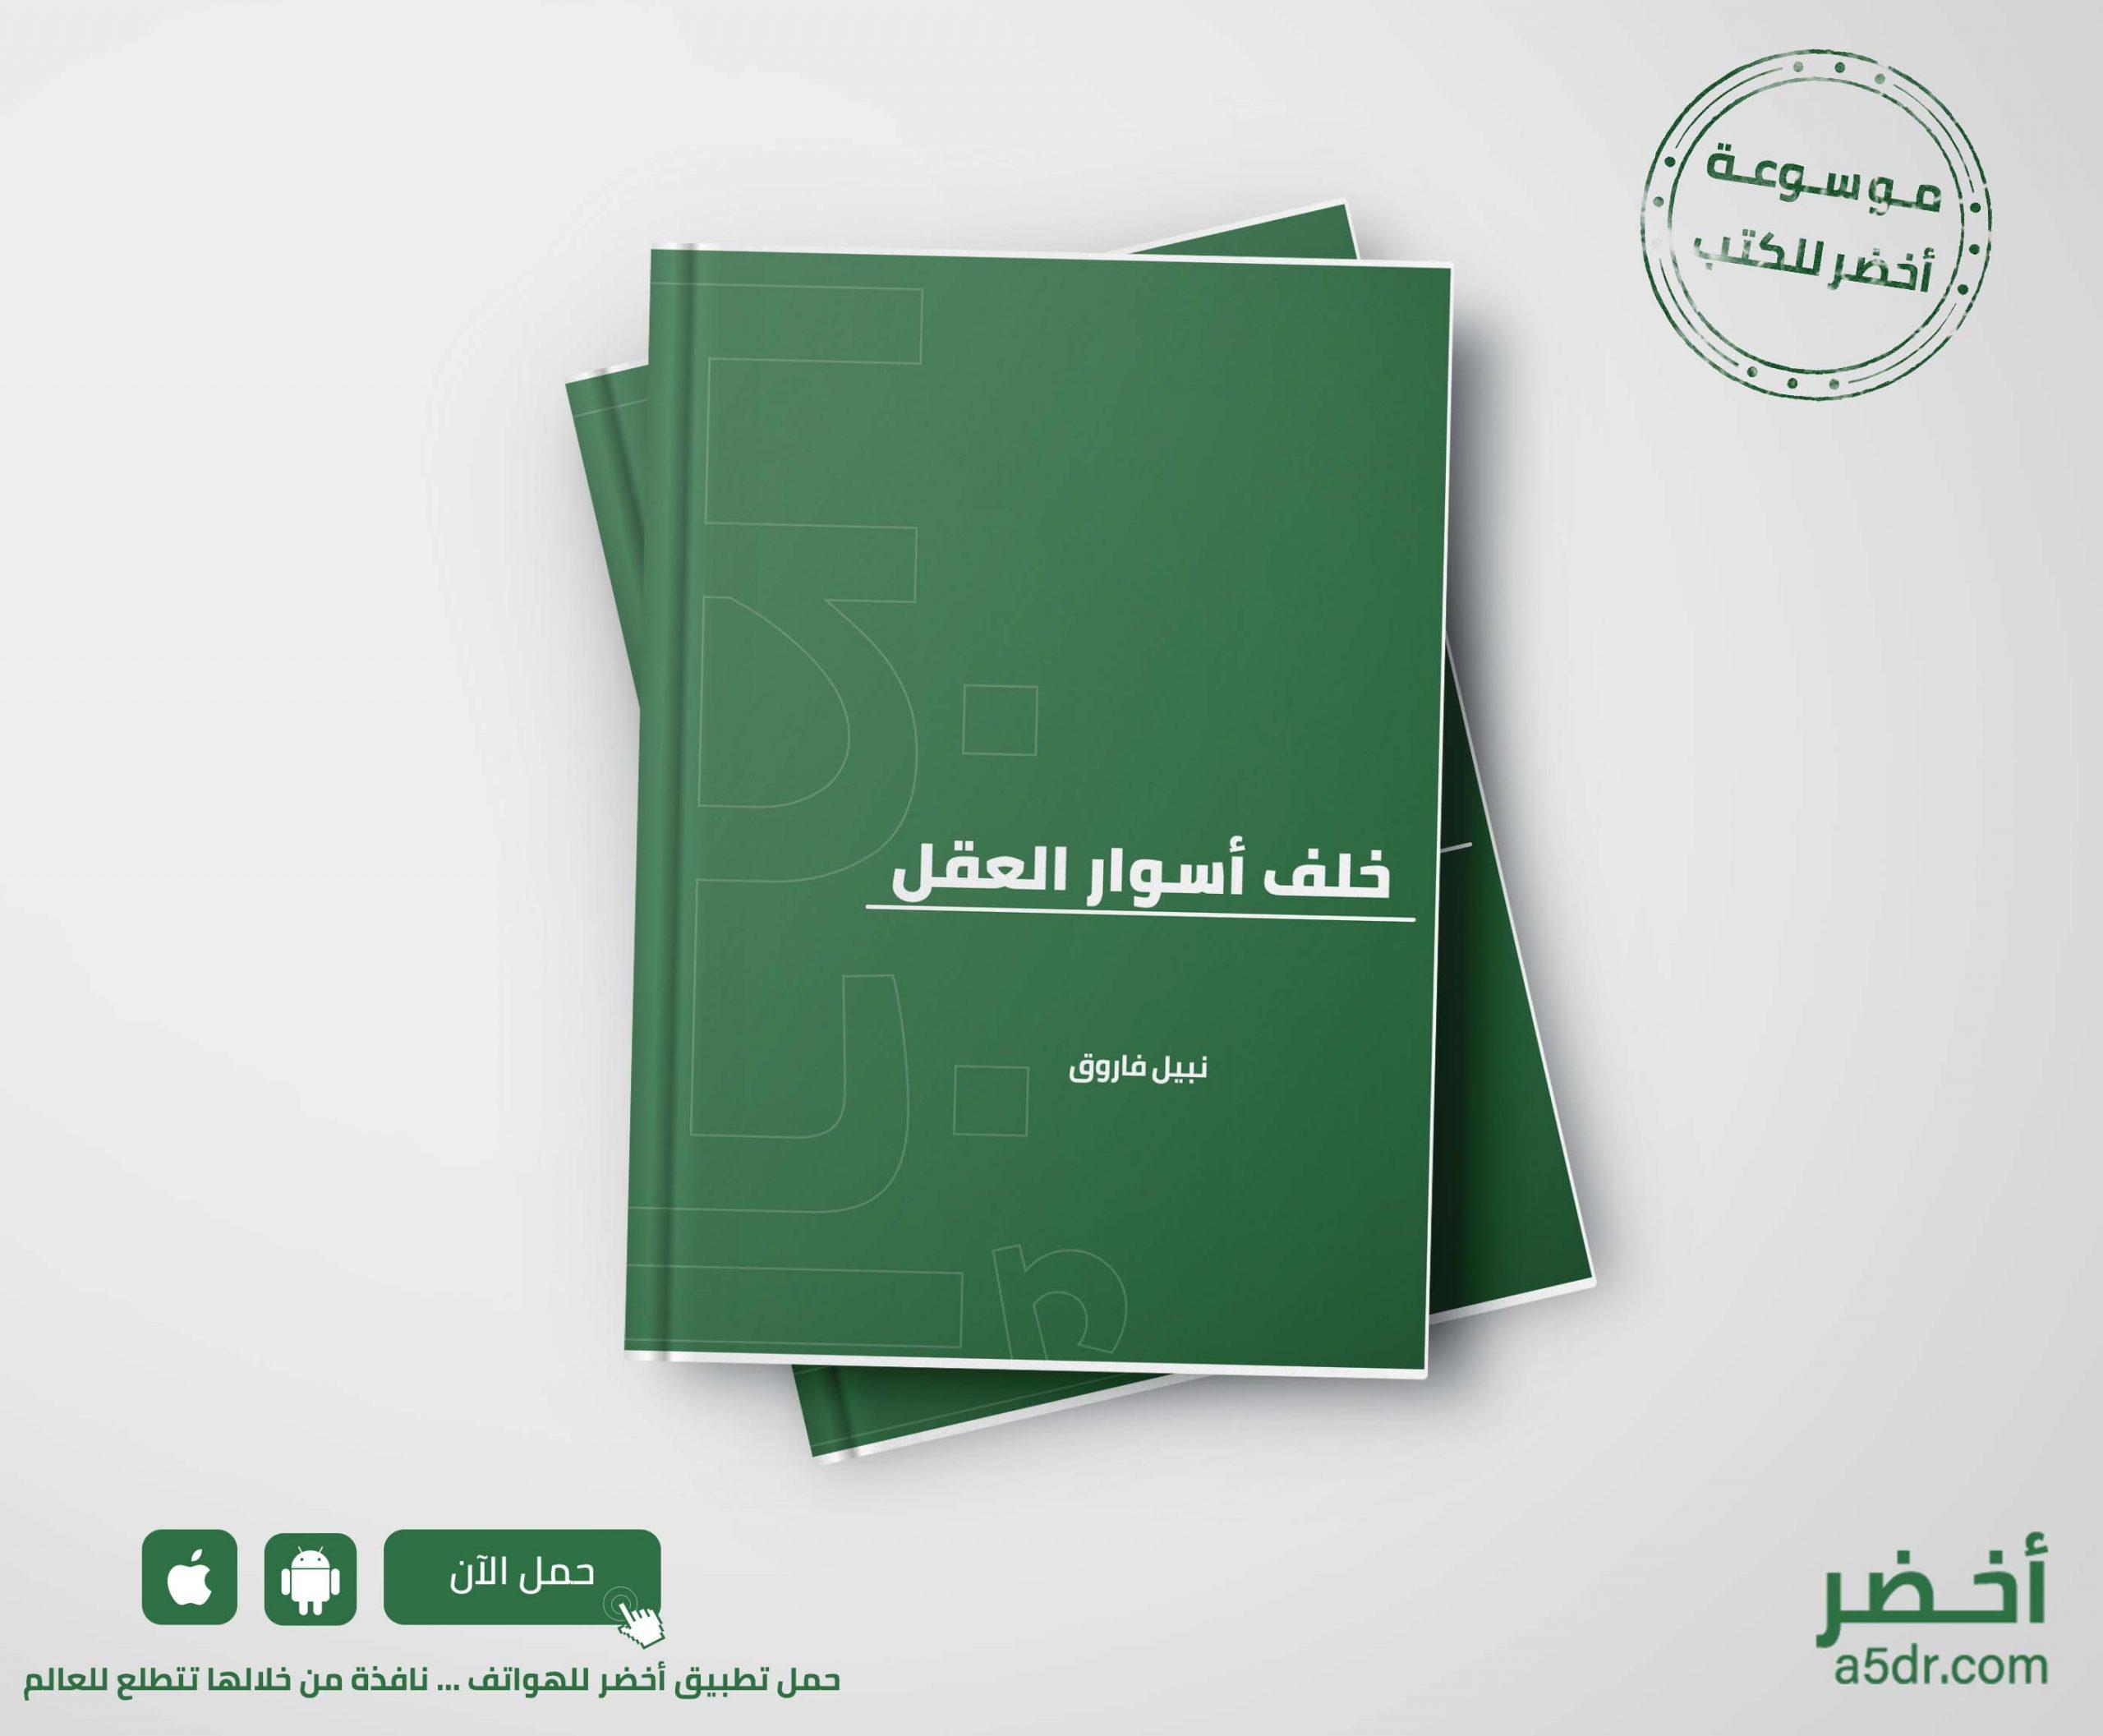 كتاب خلف أسوار العقل - نبيل فاروق